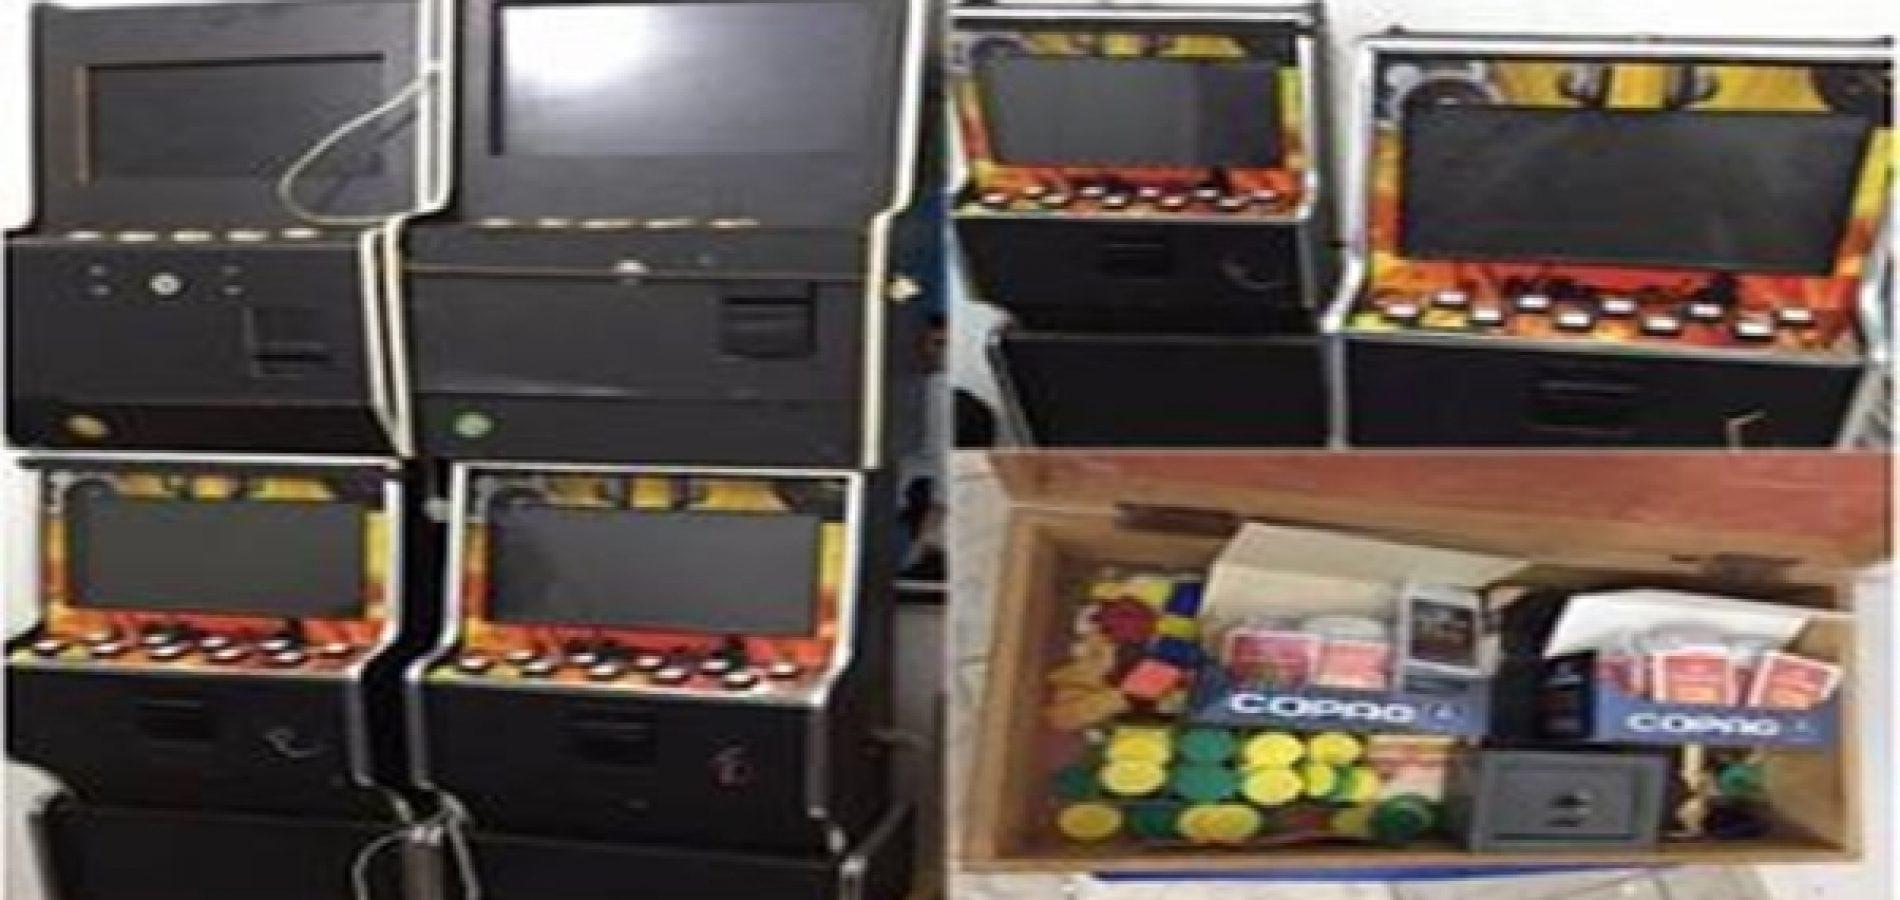 Policia apreendeu quatro máquinas caça-níqueis e jogos ilegais no Piauí